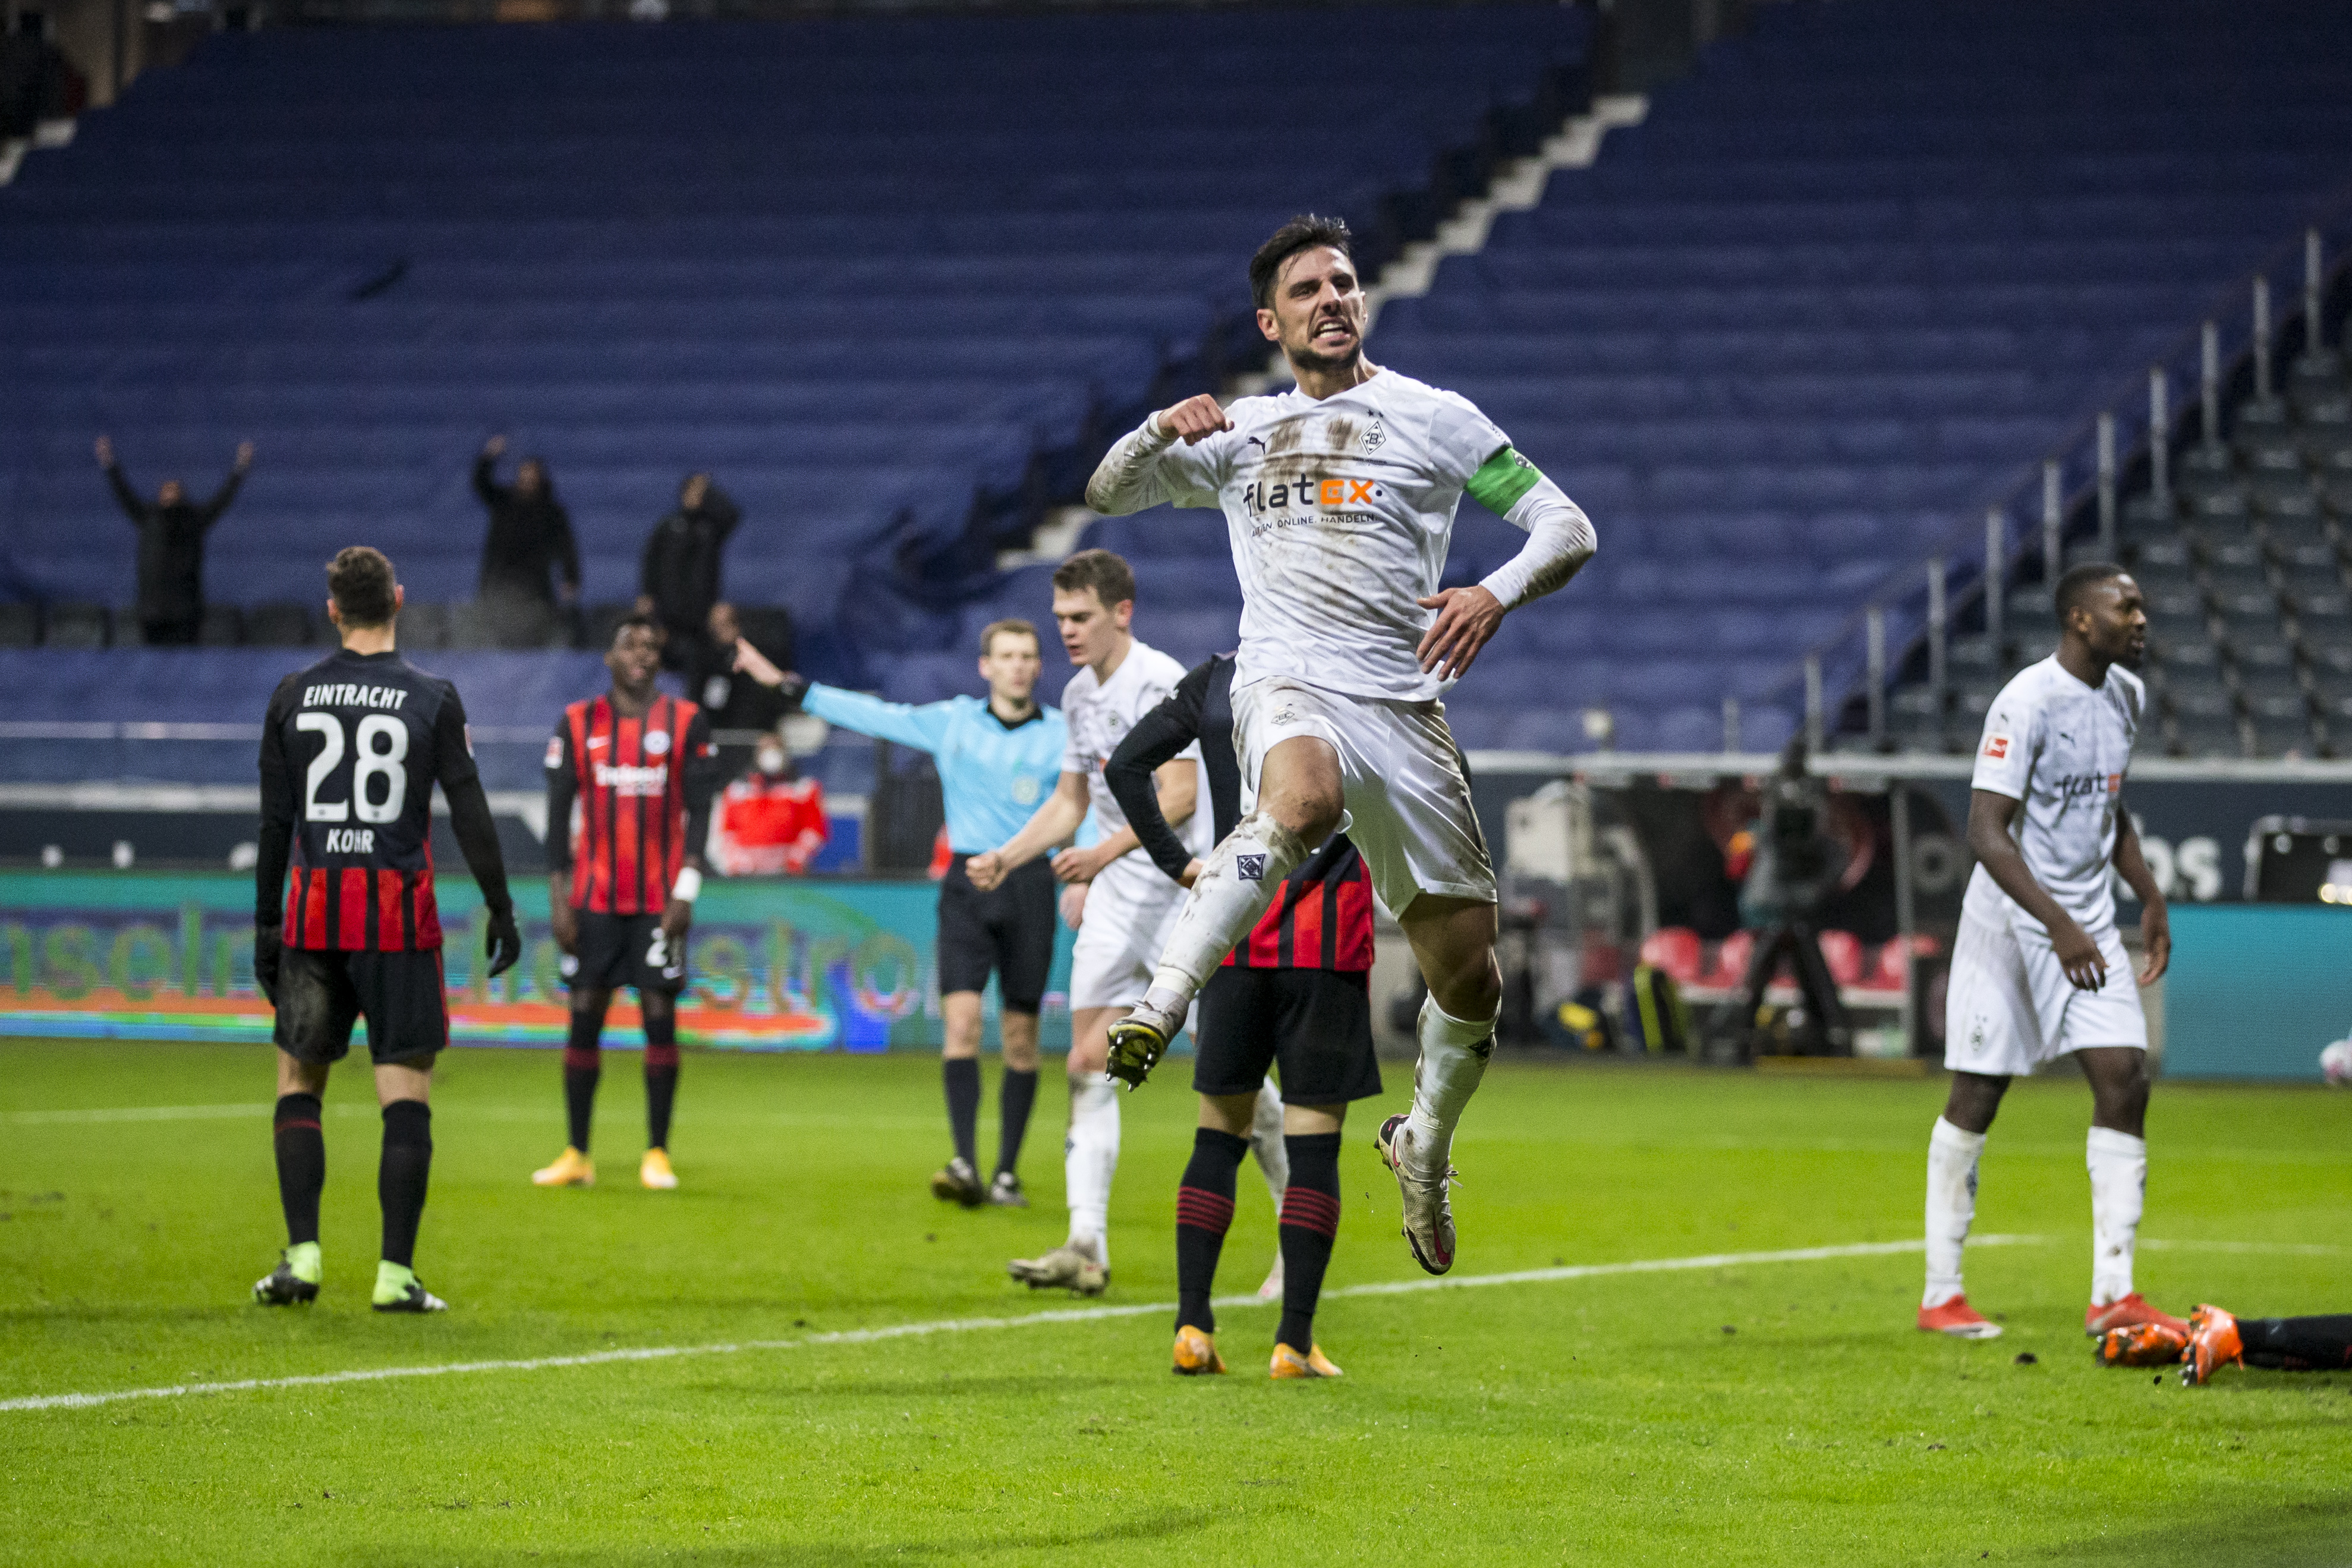 Бундесліга. Ларс Штіндль зробив хет-трик і вирвав для Ґладбаха нічию в матчі з Айнтрахтом - изображение 1